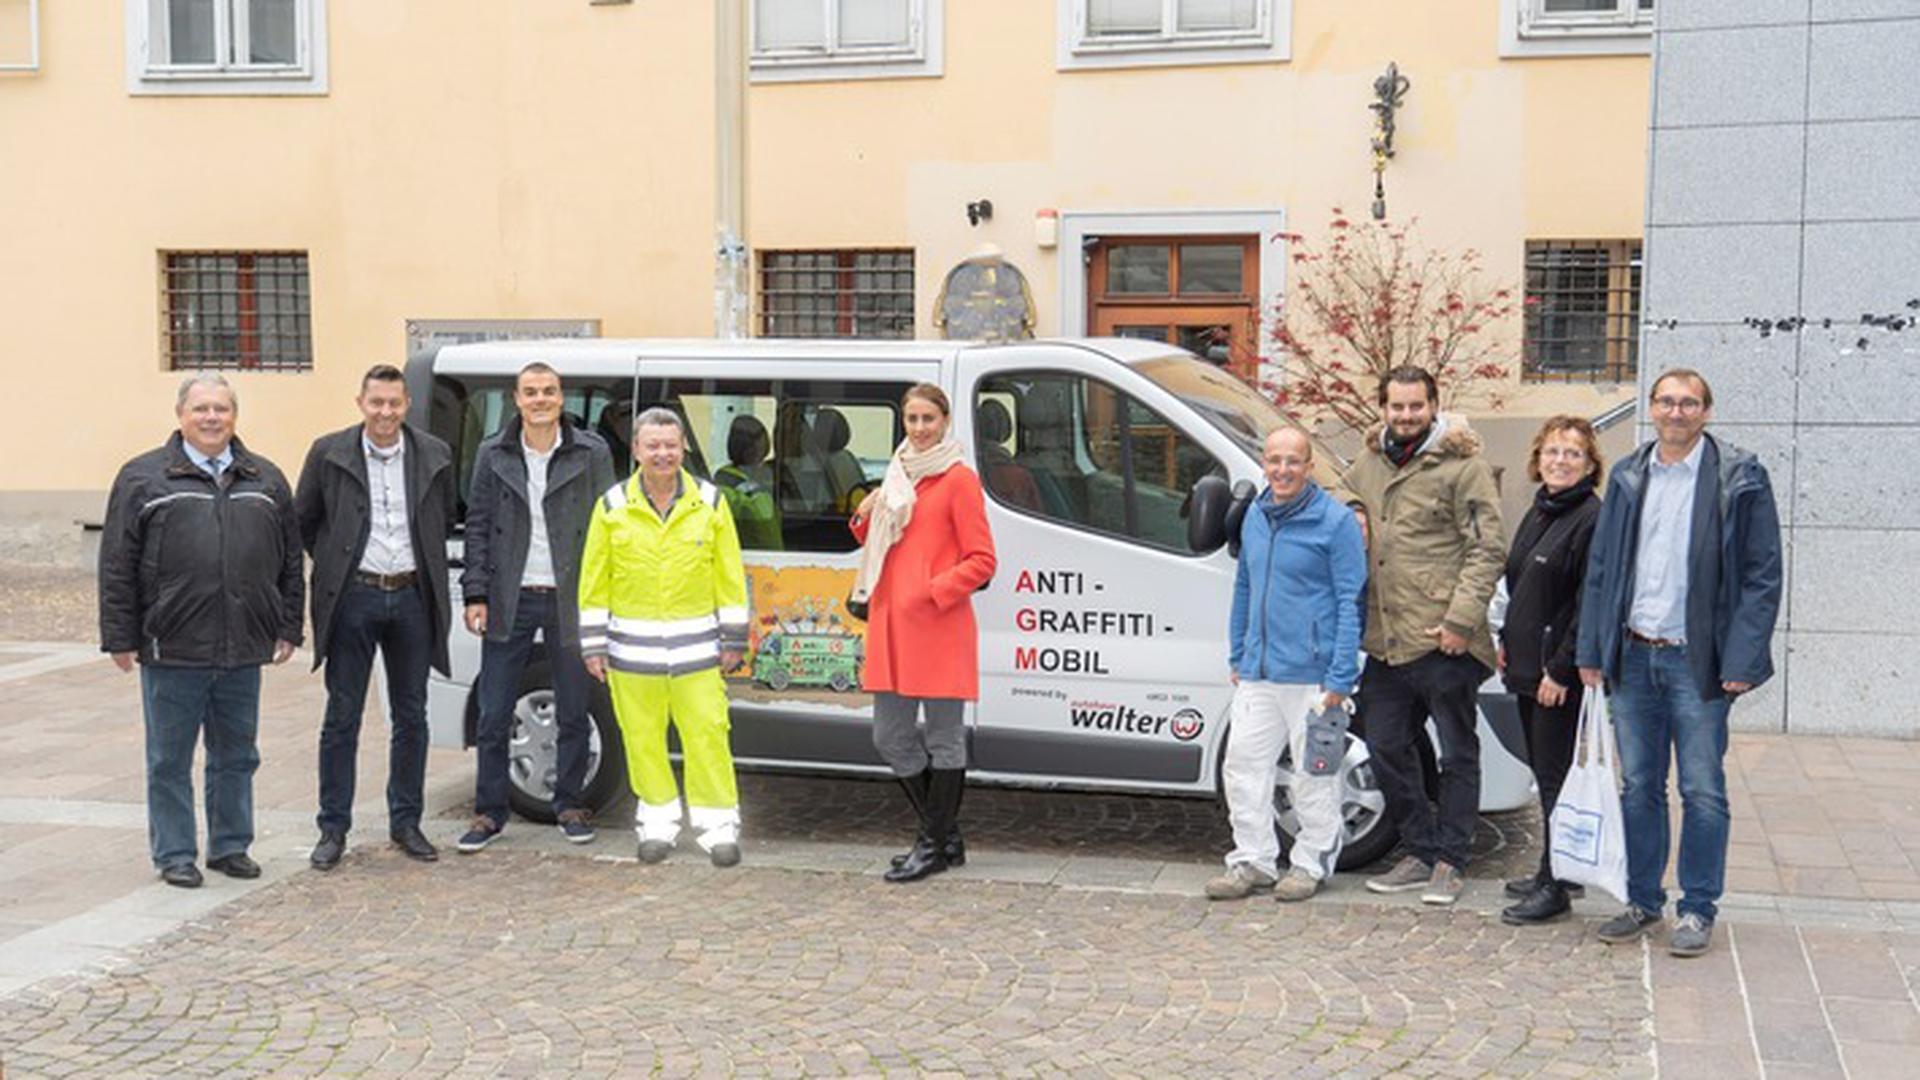 Bildquelle: Stadt Graz/ Fischer